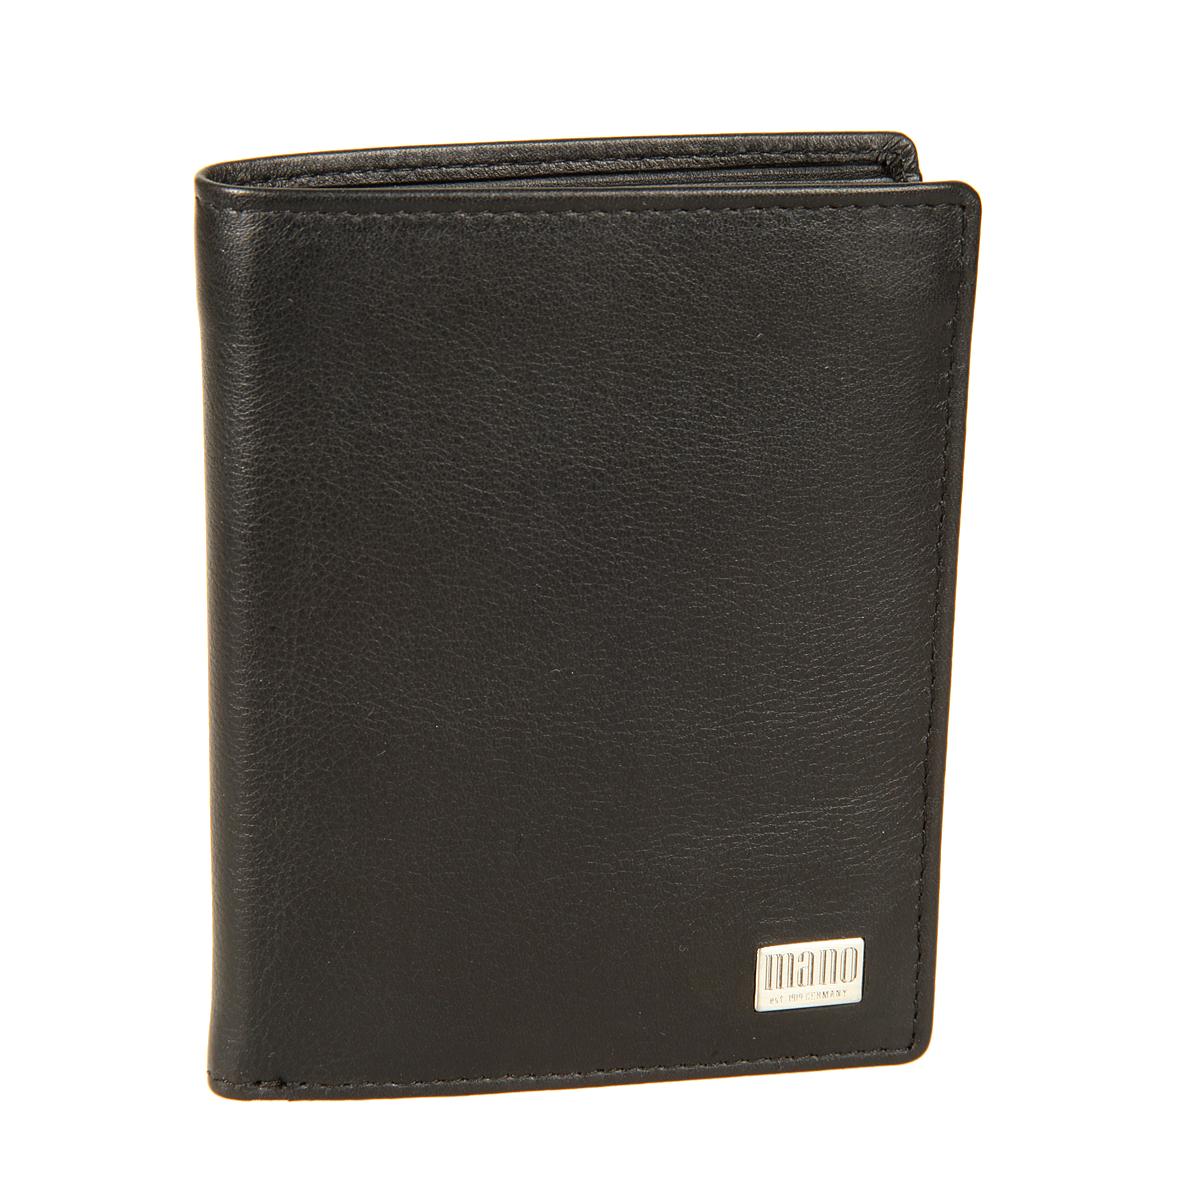 Портмоне мужское Mano, цвет: черный. 1580215802 linea blackСтильное мужское портмоне Mano выполнено из натуральной кожи и оформлена металлической пластинкой с логотипом бренда. Внутри два отделения для купюр, карман для мелочи с клапаном на кнопке, два плоских кармана для мелких бумаг, шесть кармашков для пластиковых и визитных карточек и один карман с сетчатой вставкой. Портмоне упакована в фирменную картонную коробку.